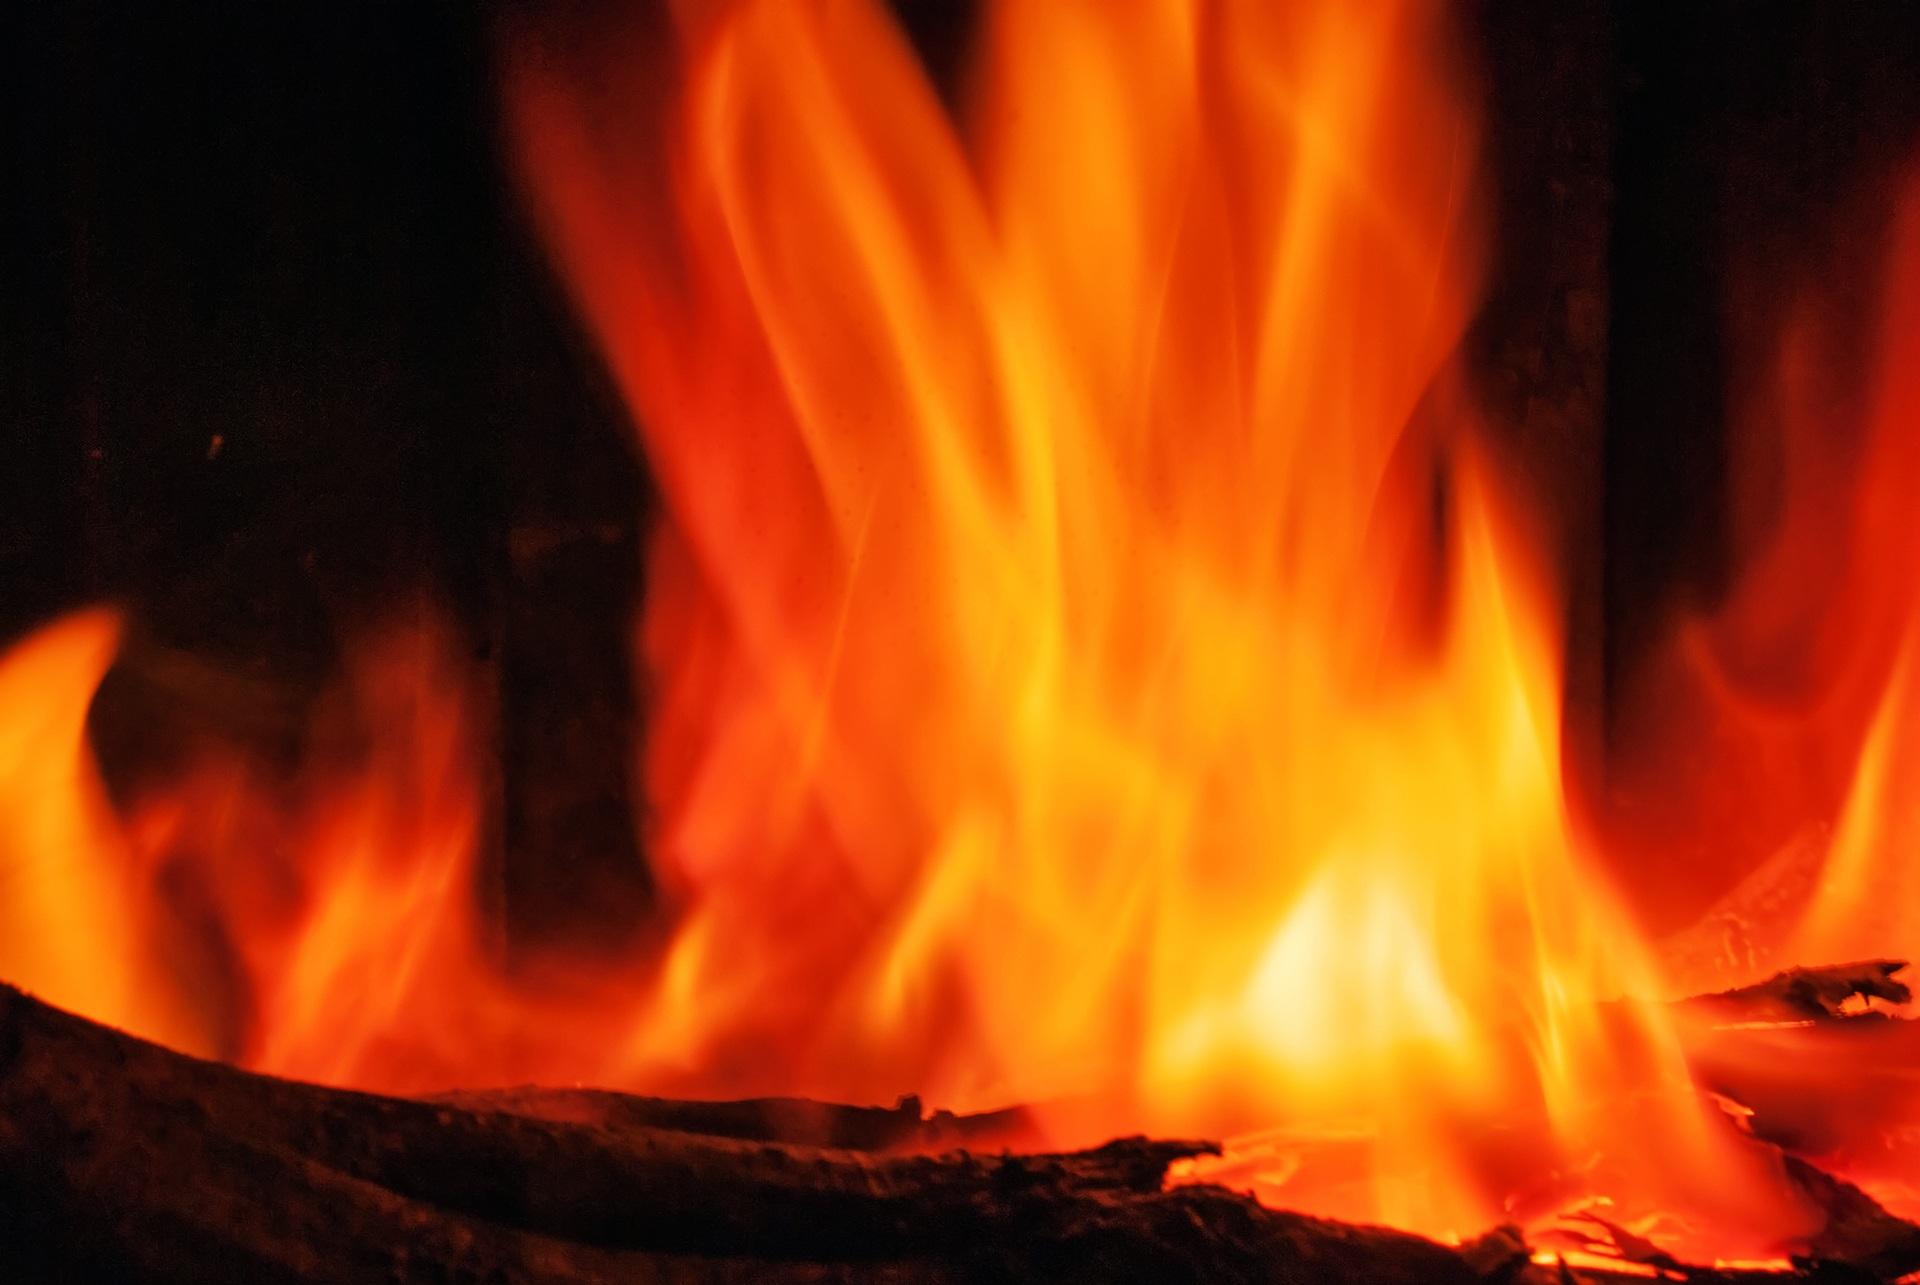 Inferno Em Chamas Awesome banco de imagens : borrão, brilhante, madeira, laranja, registro